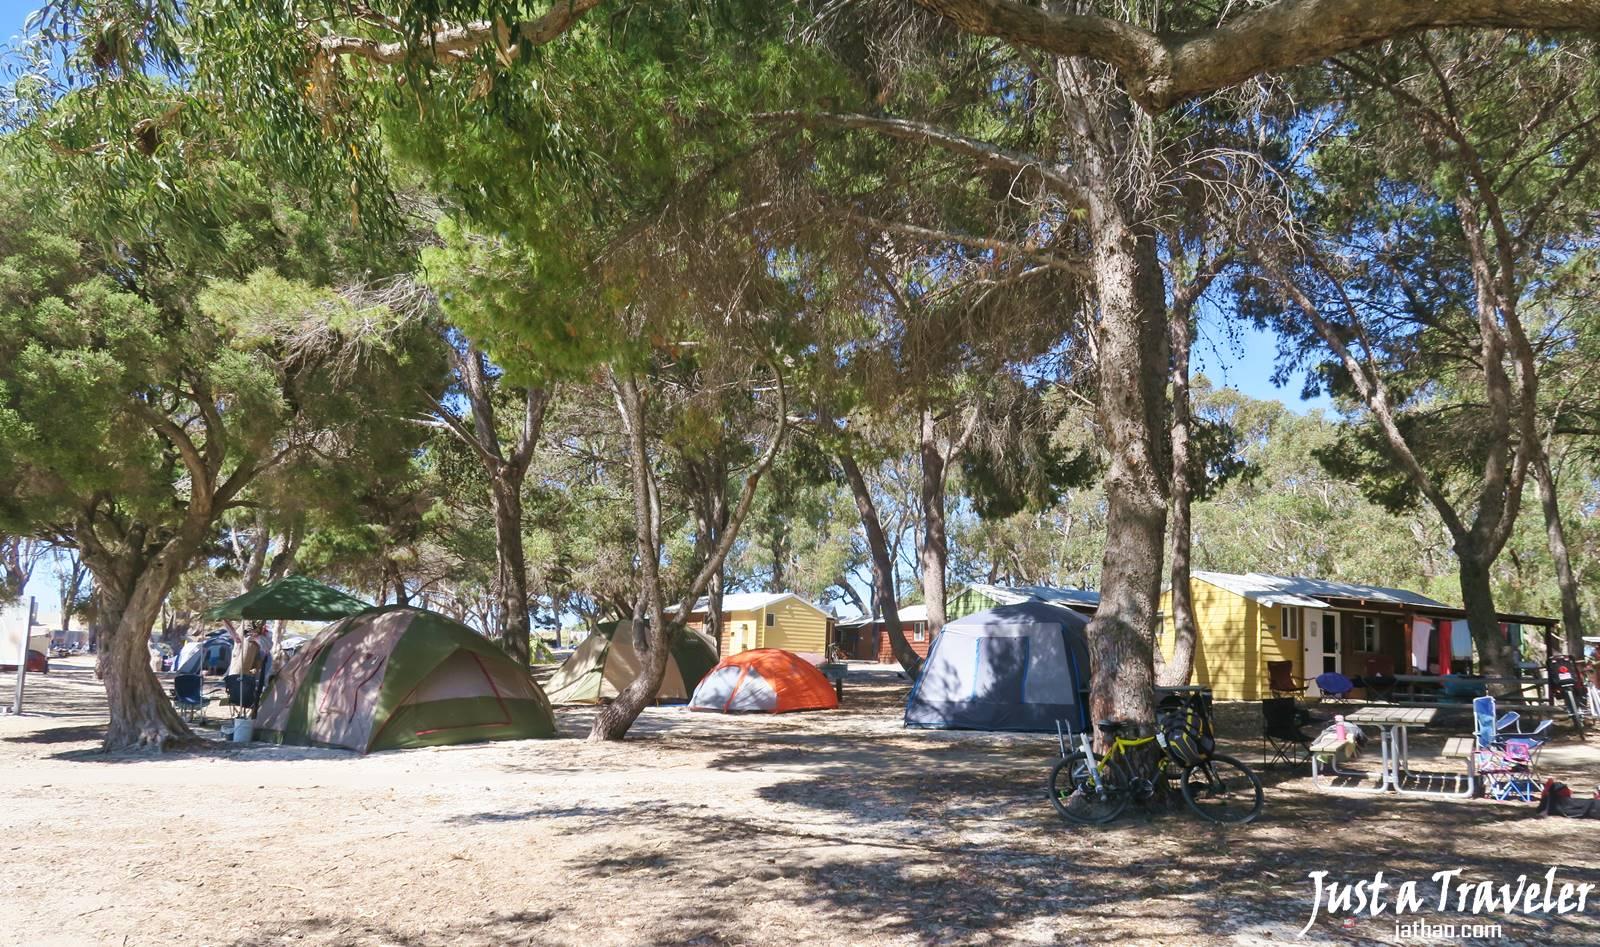 澳洲-西澳-伯斯-景點-羅特尼斯島-Rottnest Island-住宿-露營-飯店-旅館-酒店-推薦-自由行-交通-旅遊-遊記-攻略-行程-一日遊-二日遊-必玩-必遊-Perth